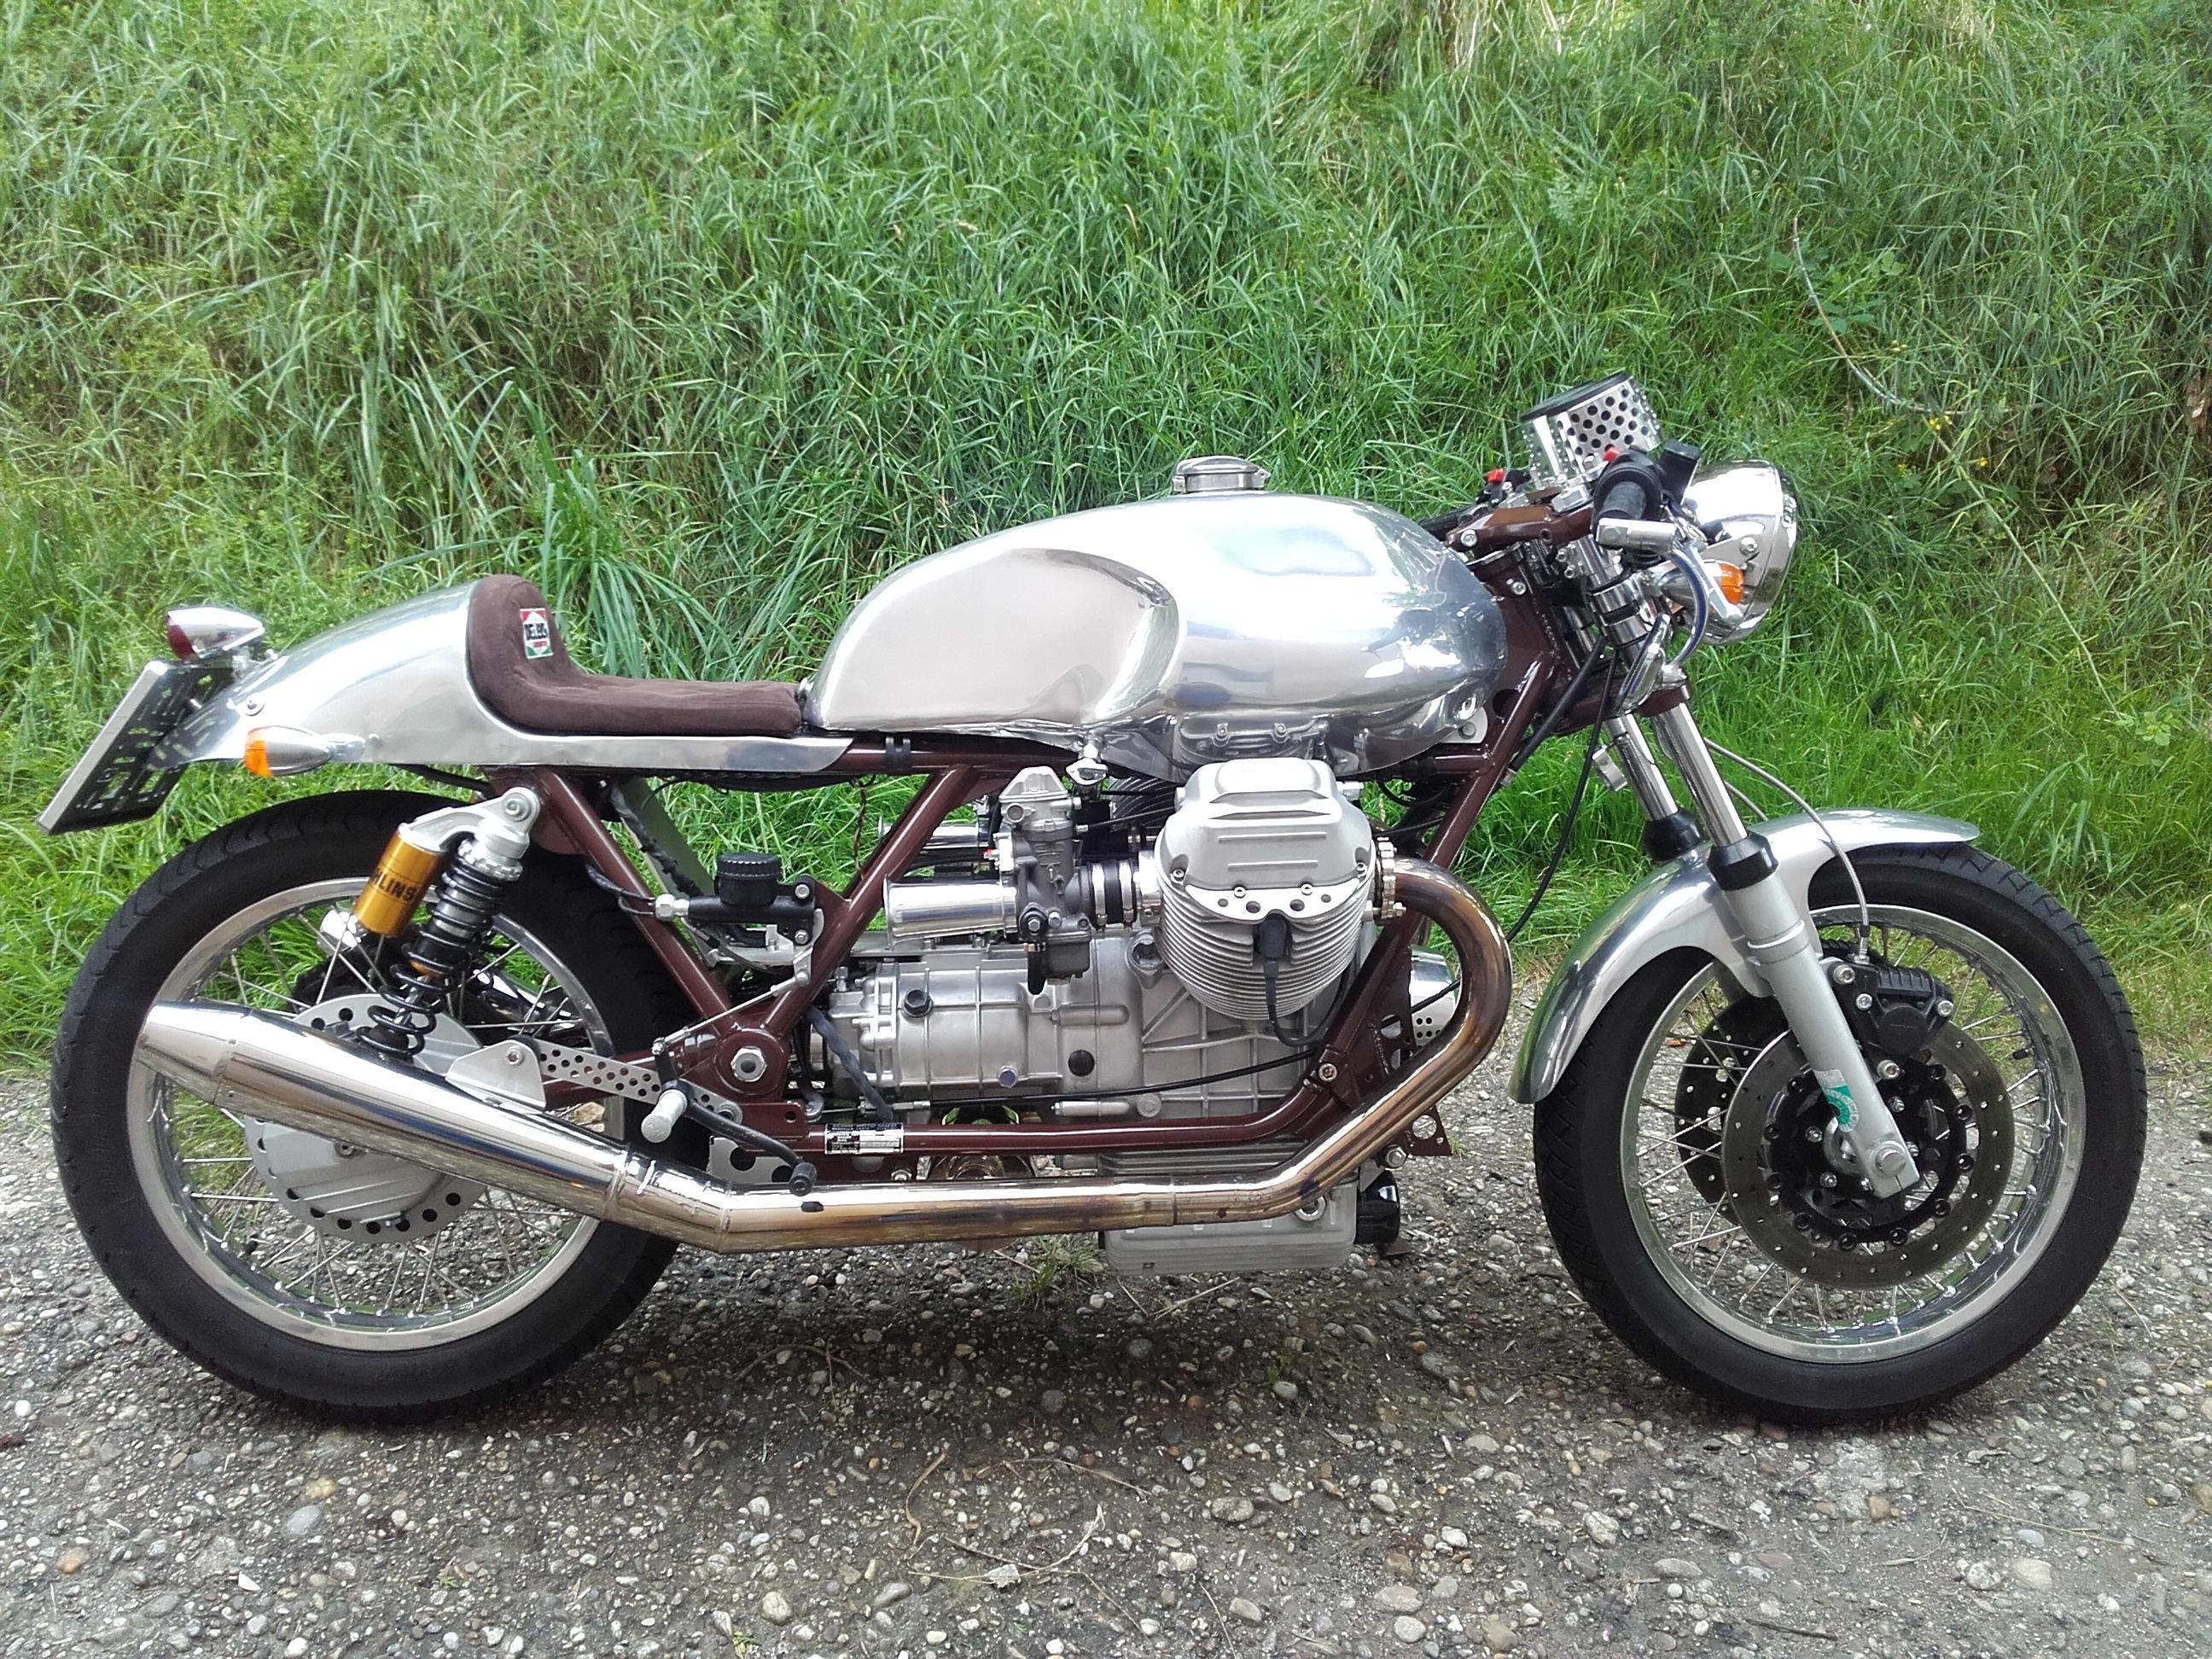 Moto Guzzi Le Mans Cafe Racer For Sale